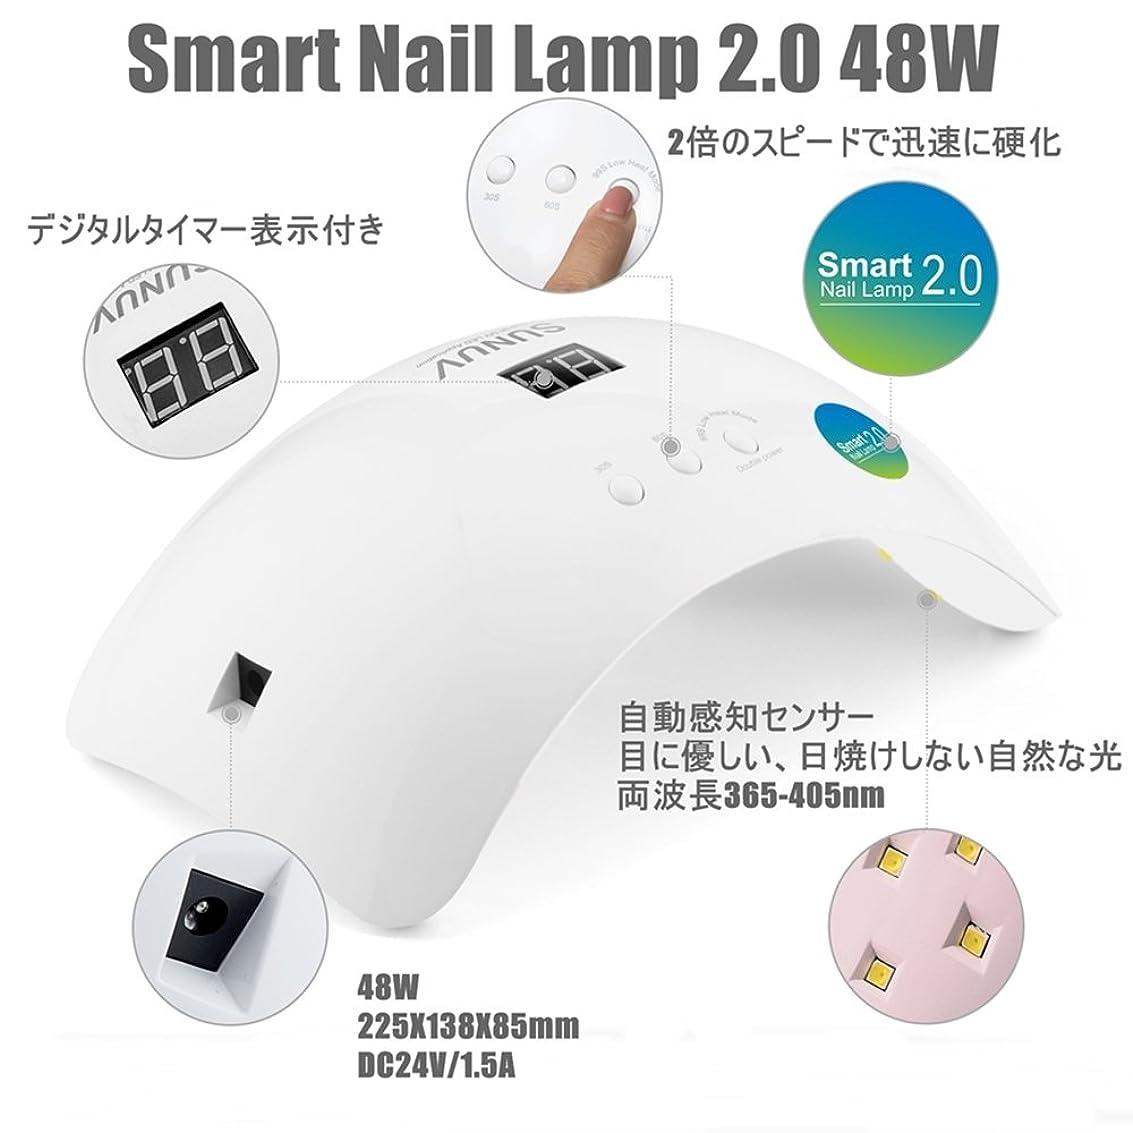 作業馬鹿国民投票【最新型】【国内6ヶ月保証】Smart Nail Lamp 2.0 48W【ジェルネイルレジン用ライト】